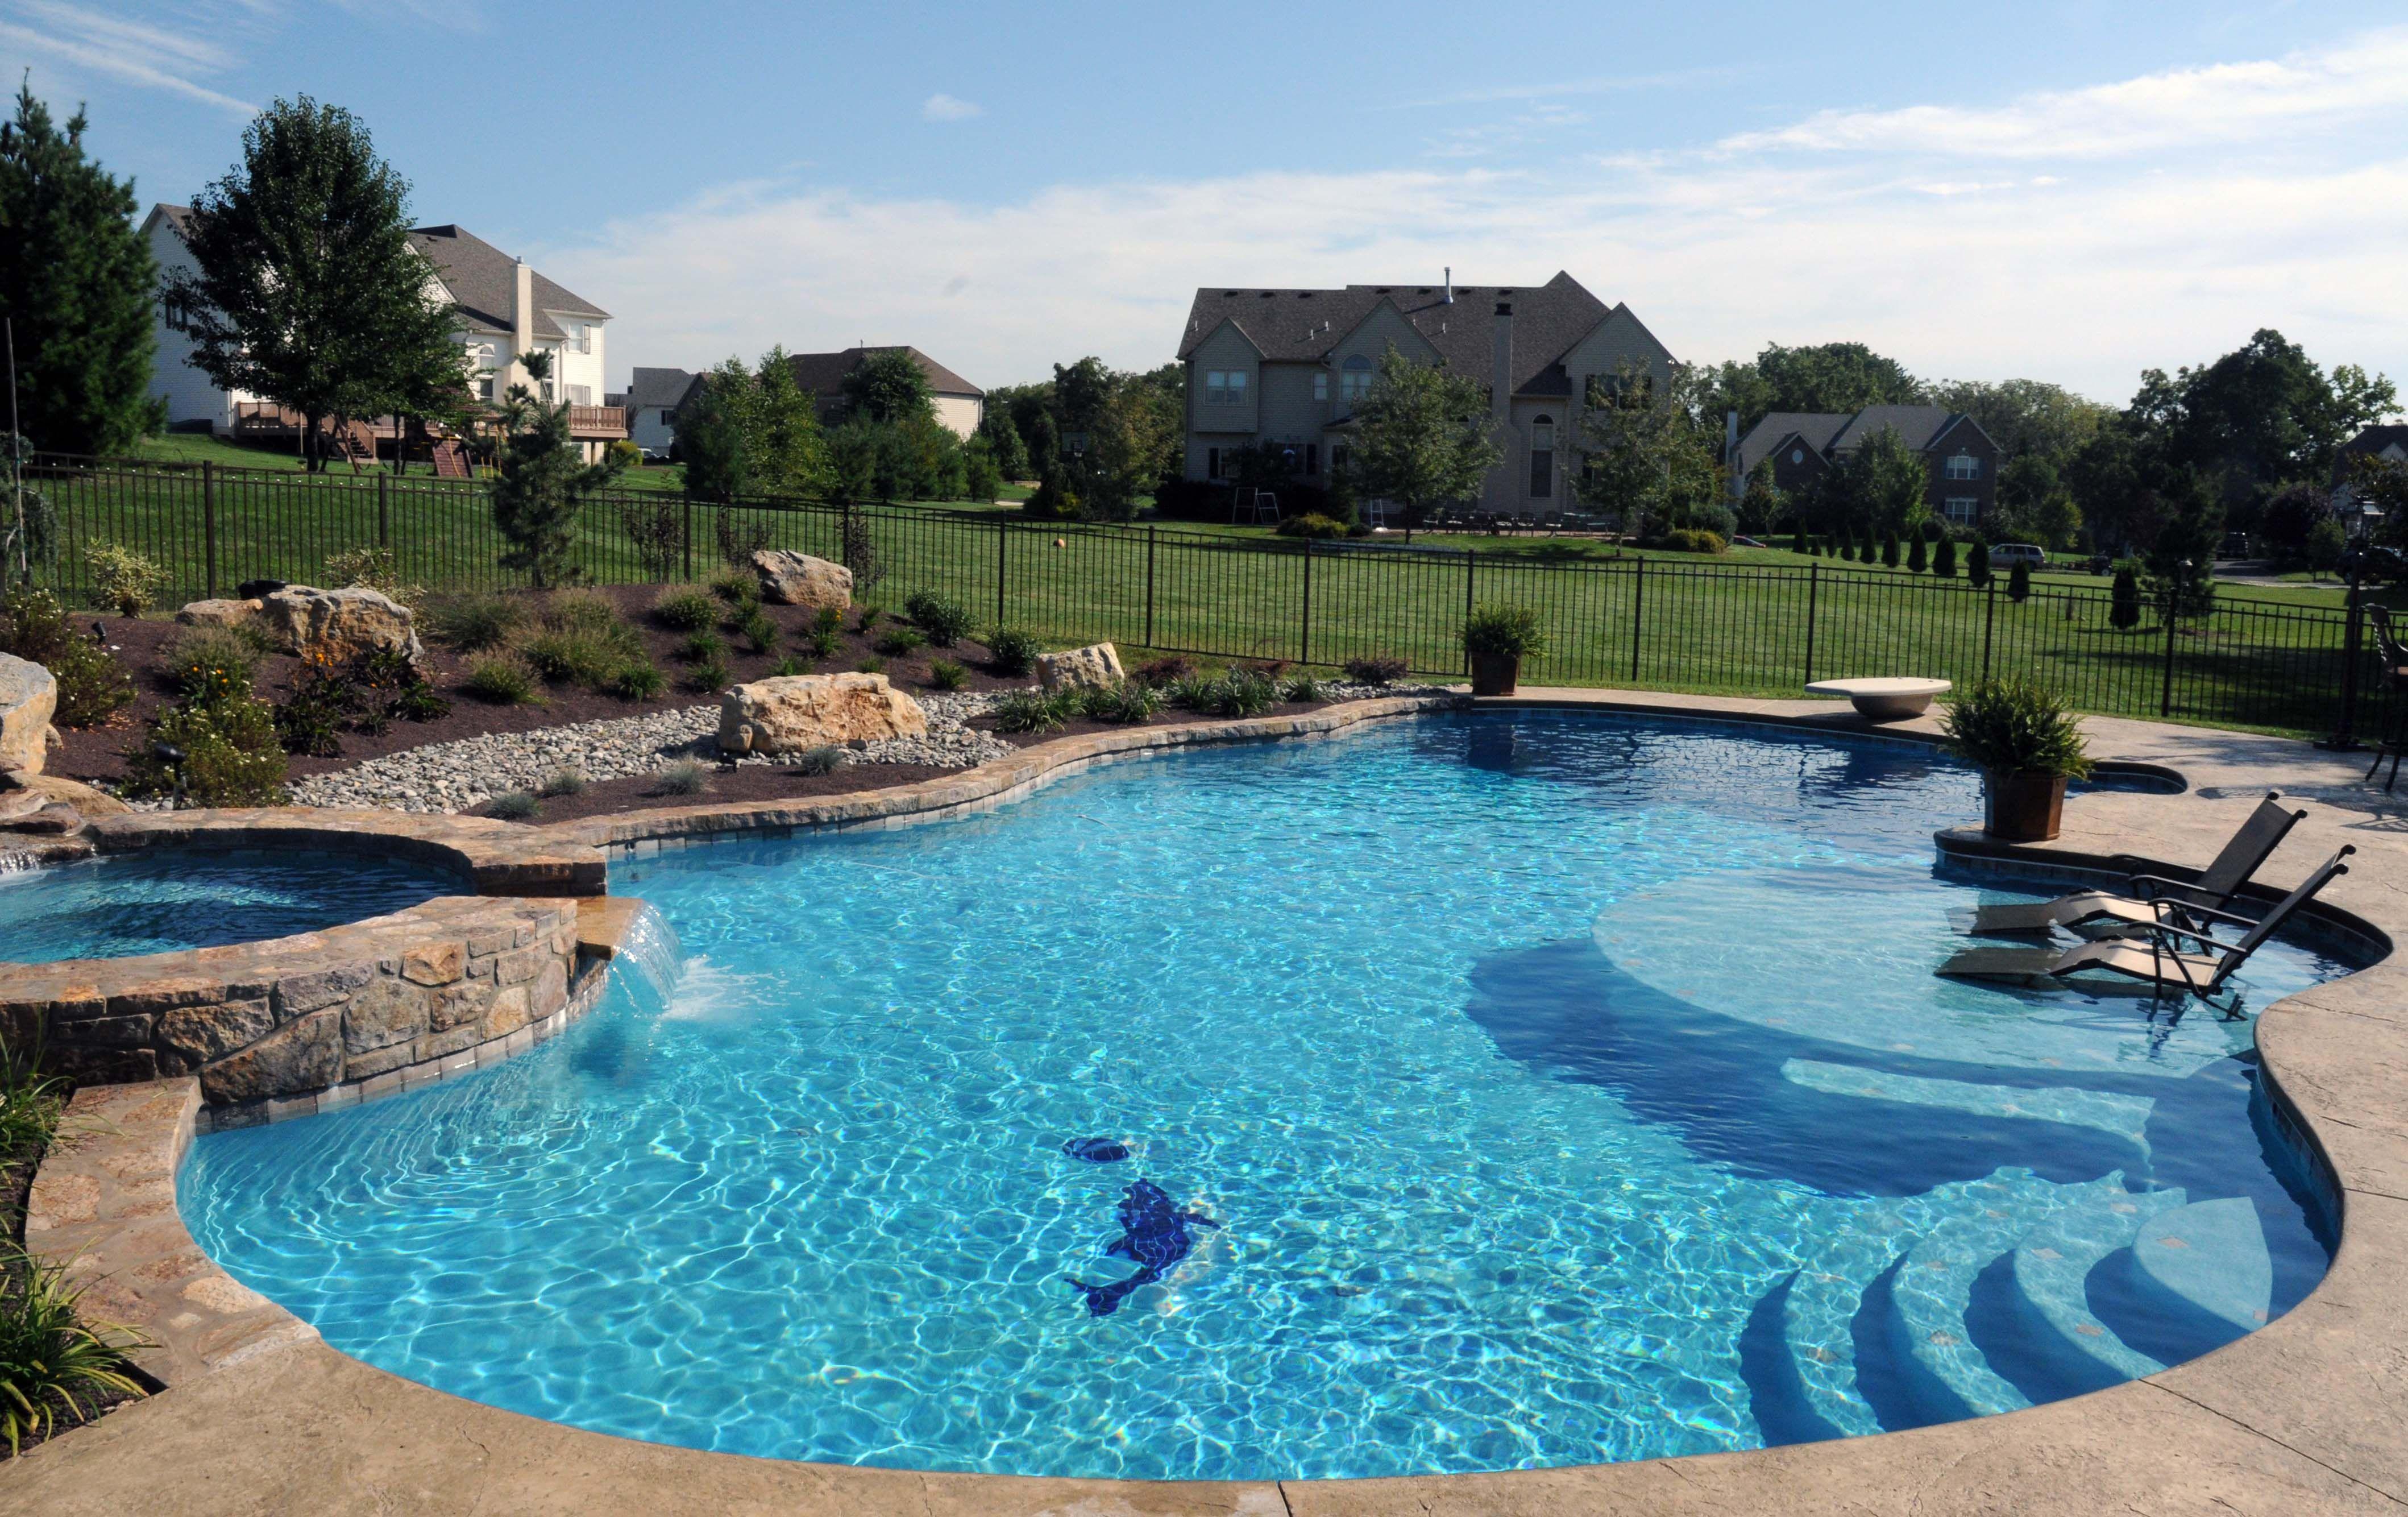 Inground swimming pools gallery arista pool and spa inc for Swimming pool gallery